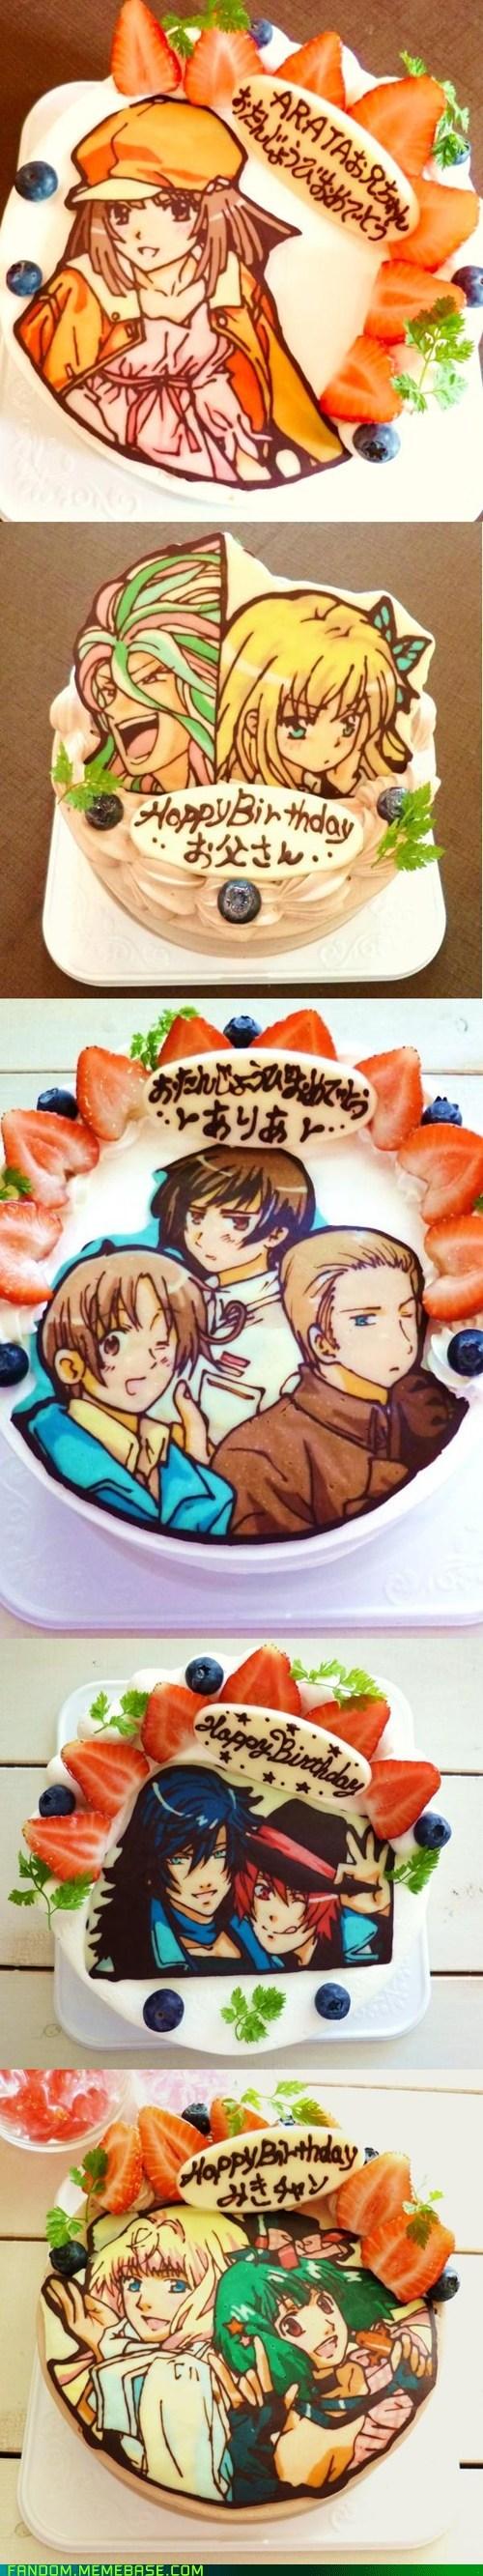 anime cake Fan Art noms - 6436460032